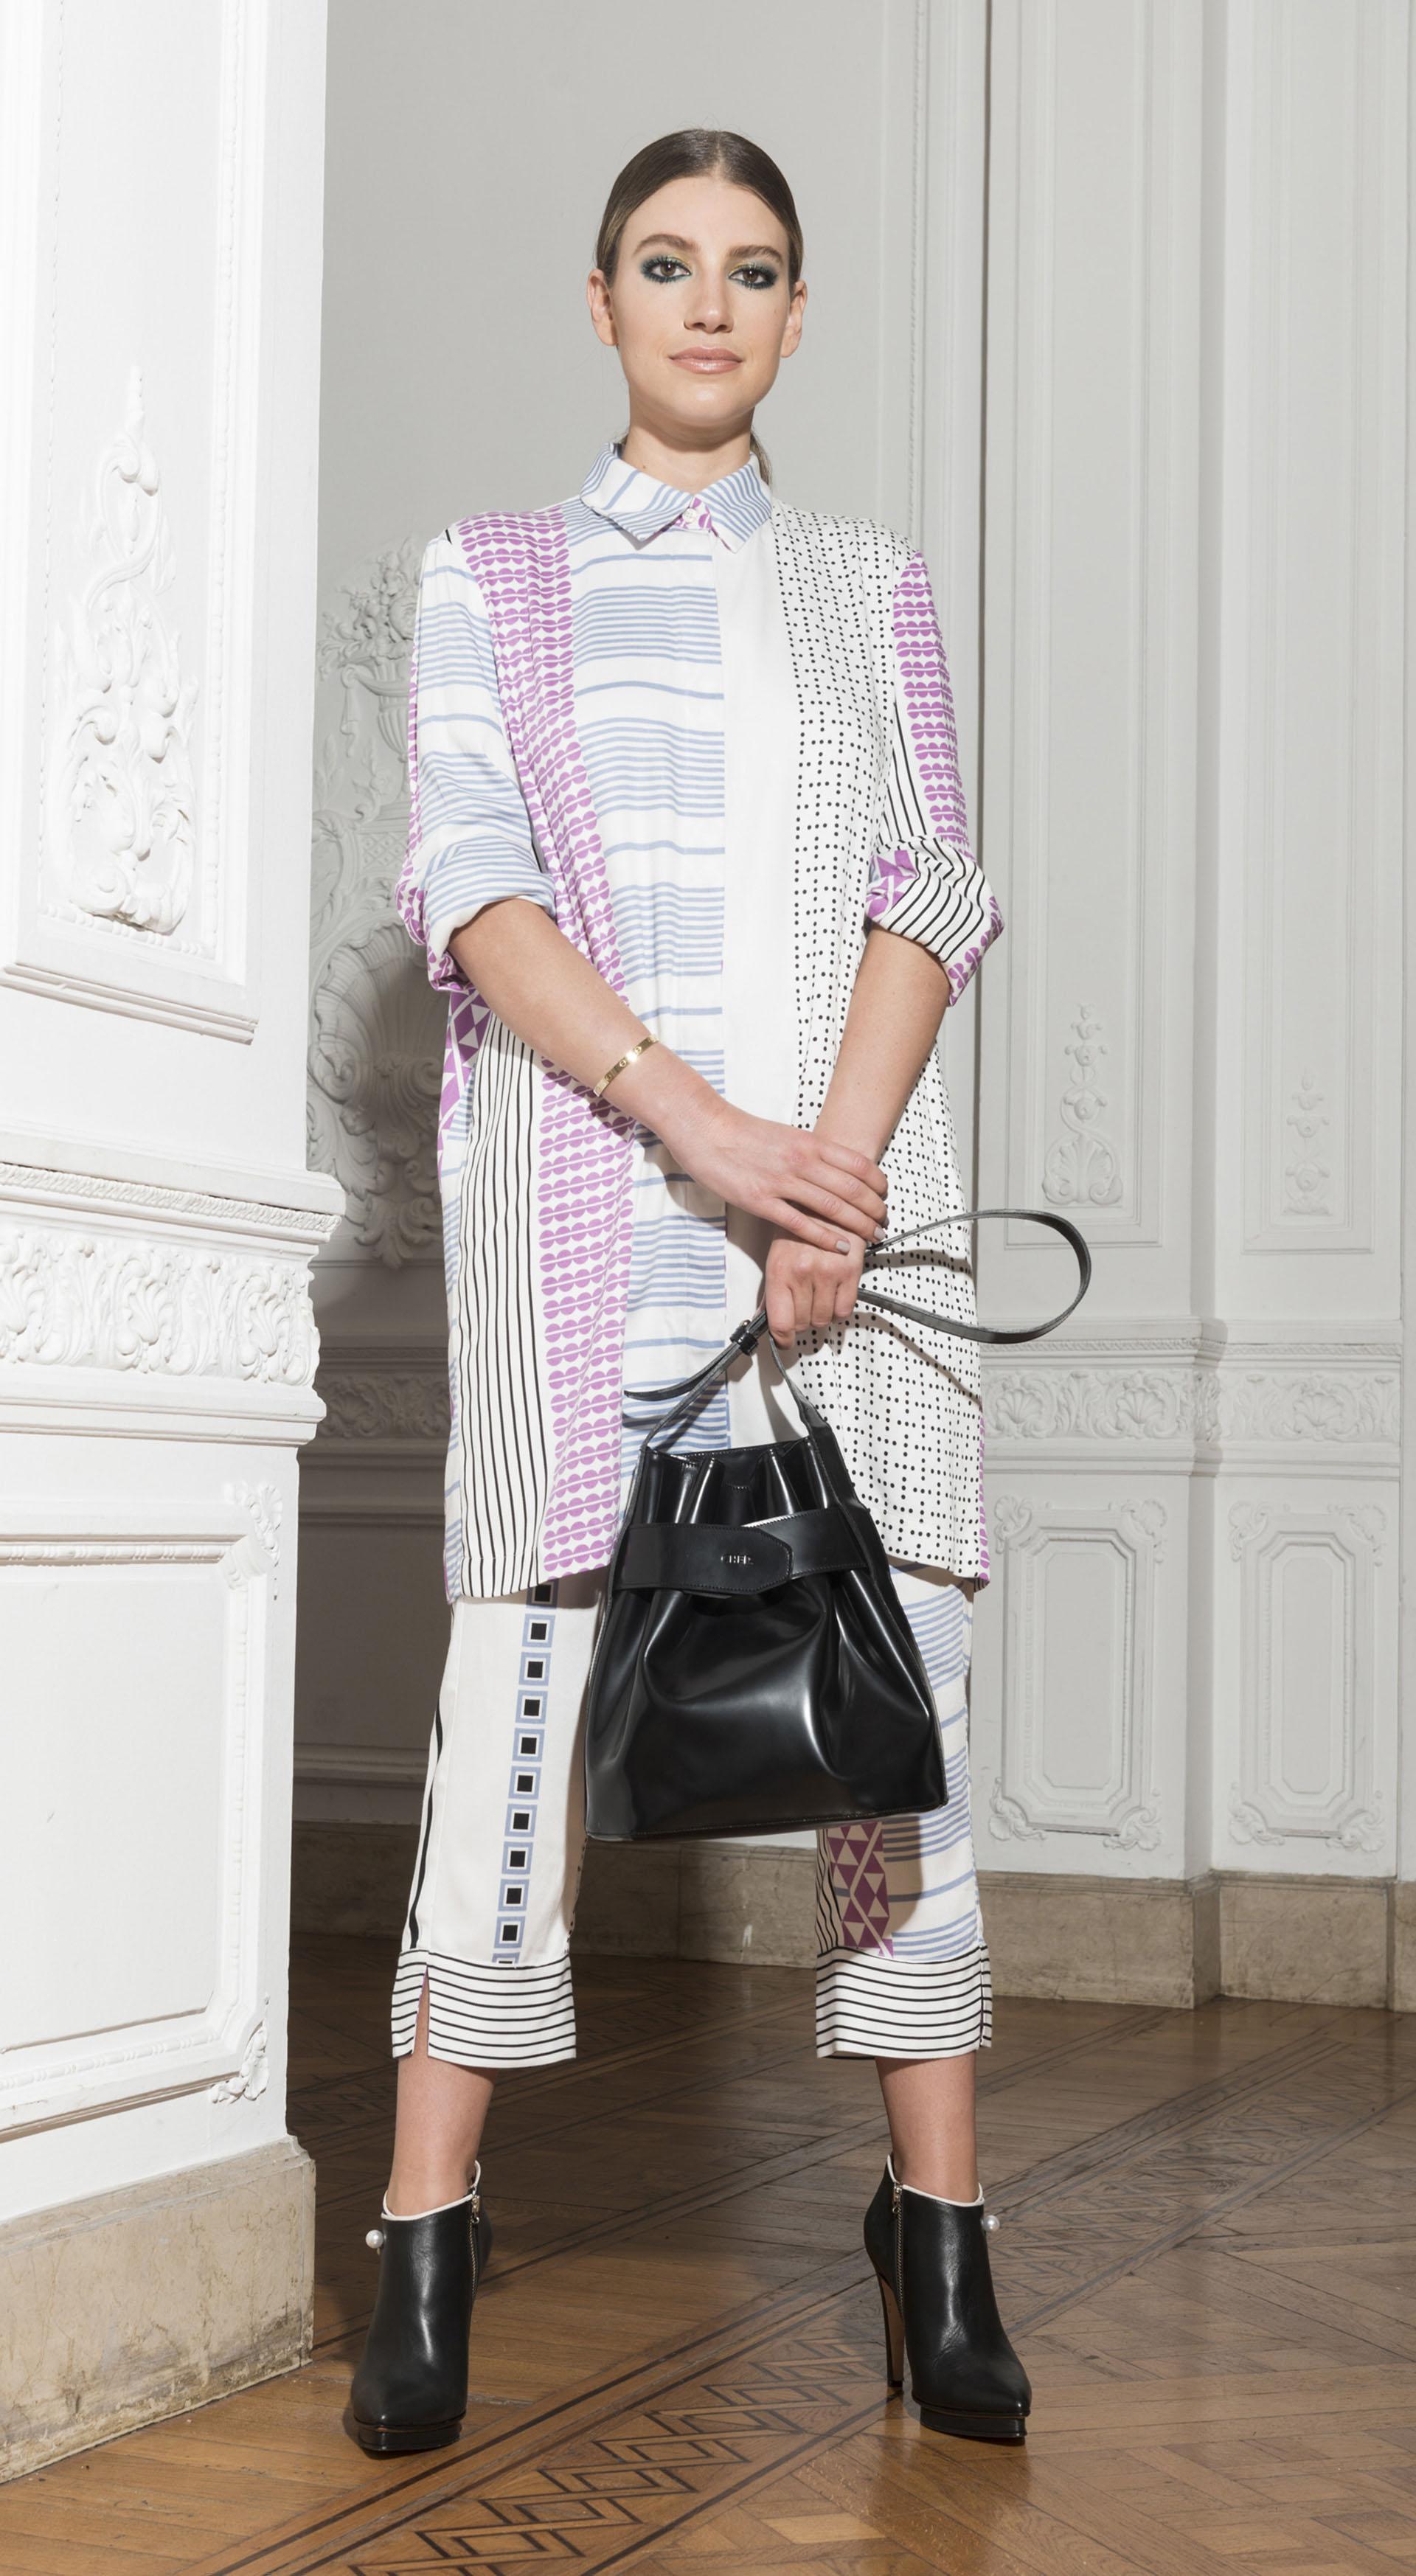 Camisola y pantalón al tobillo de estampados geométricos y cartera de cuero negro by CHER. Botinetas de cuero con cierres y perla de Valdez